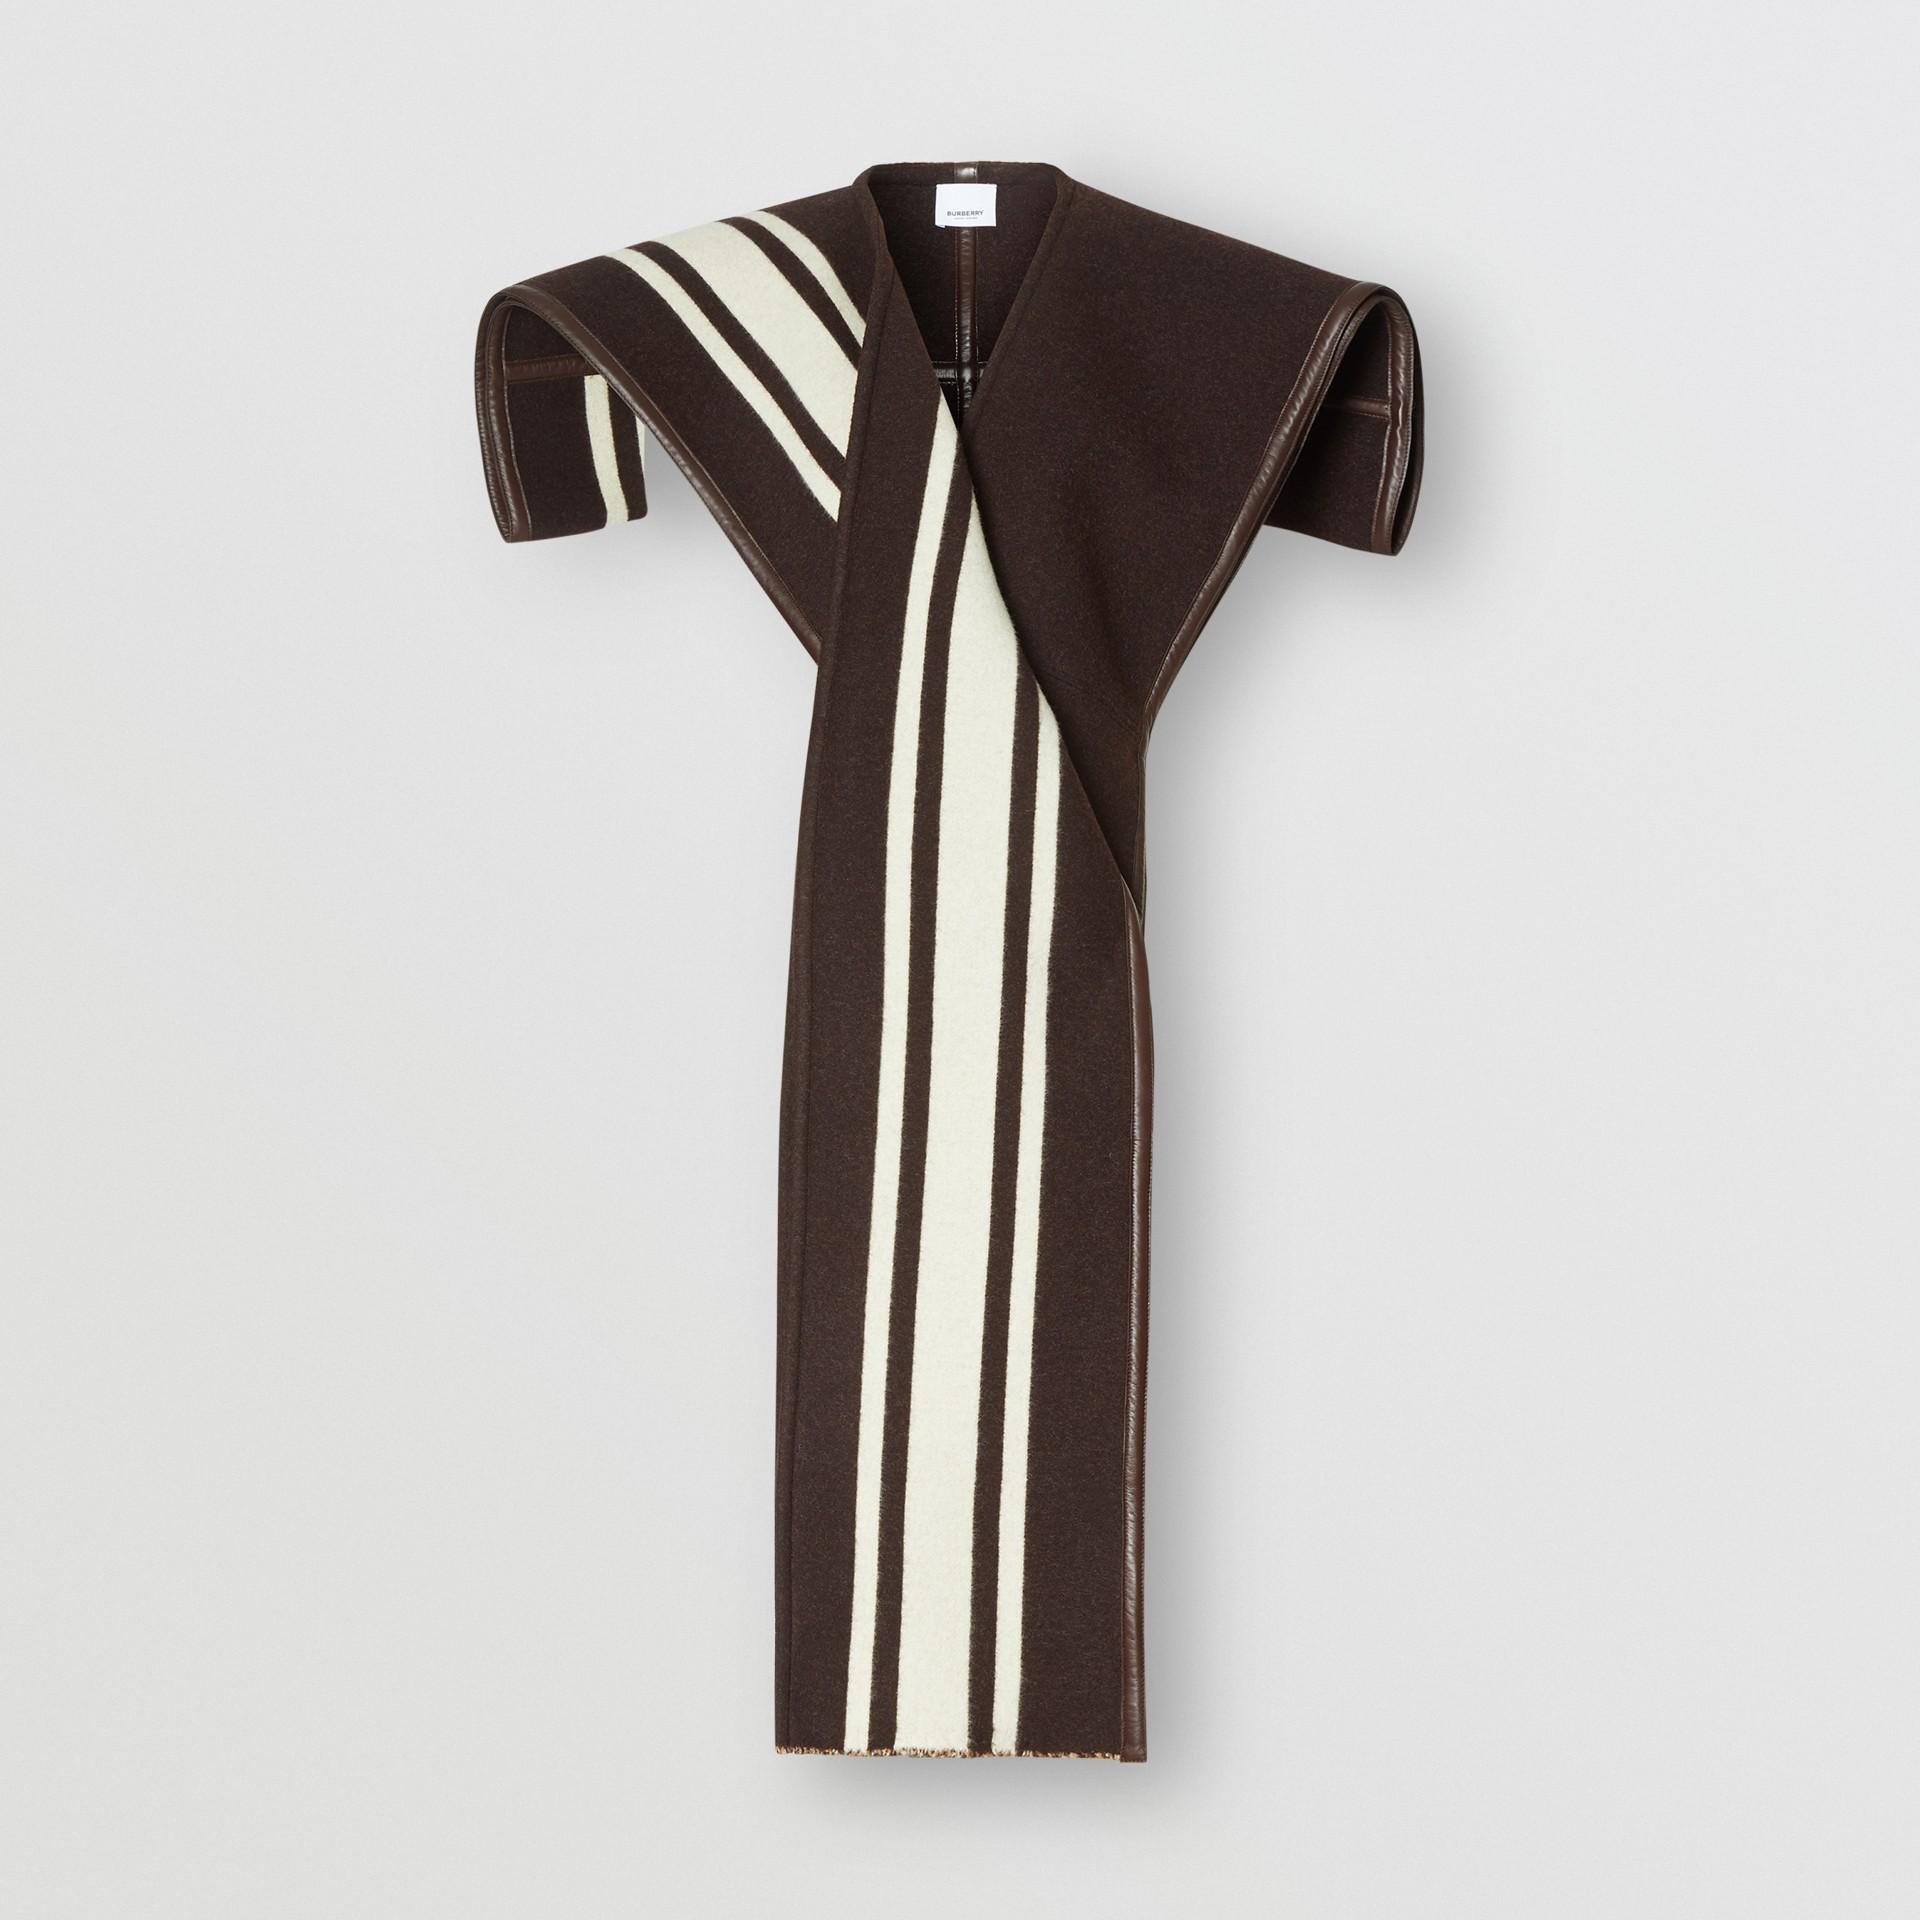 羔羊皮飾帶條紋細節設計羊毛提花披肩 (棕色) - 女款 | Burberry - 圖庫照片 3